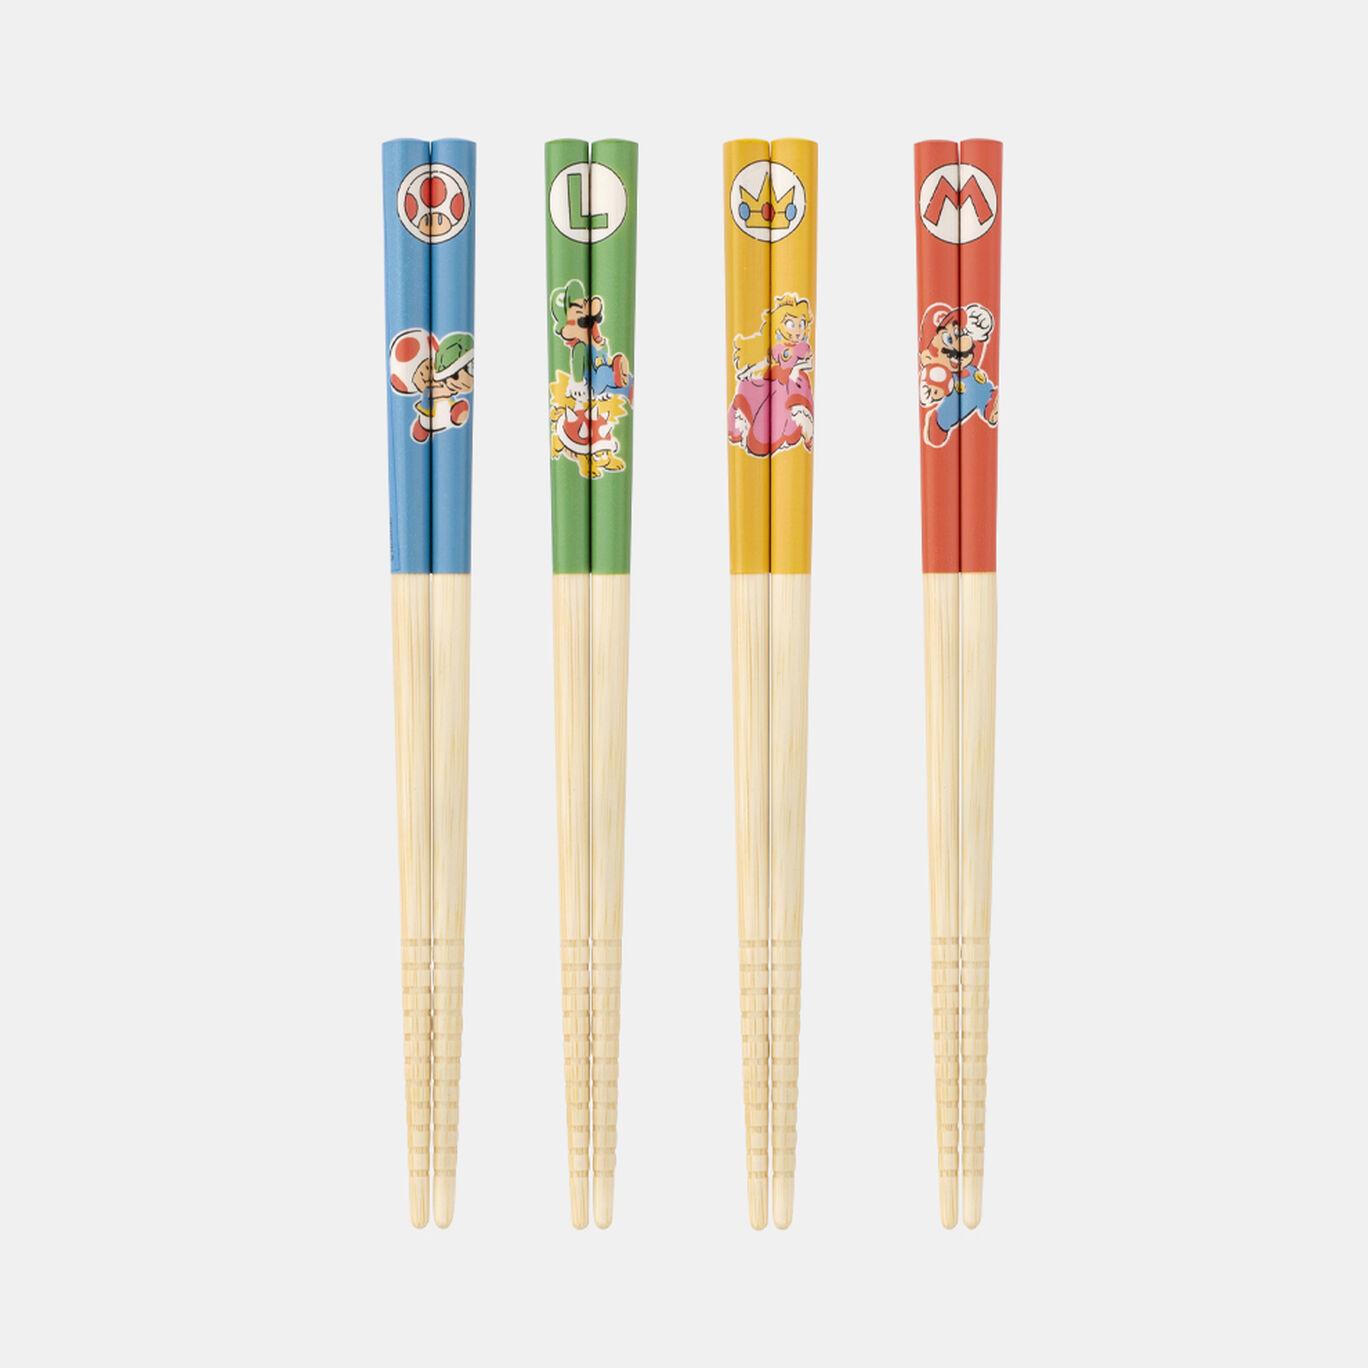 箸4本セット スーパーマリオファミリーライフ【Nintendo TOKYO取り扱い商品】